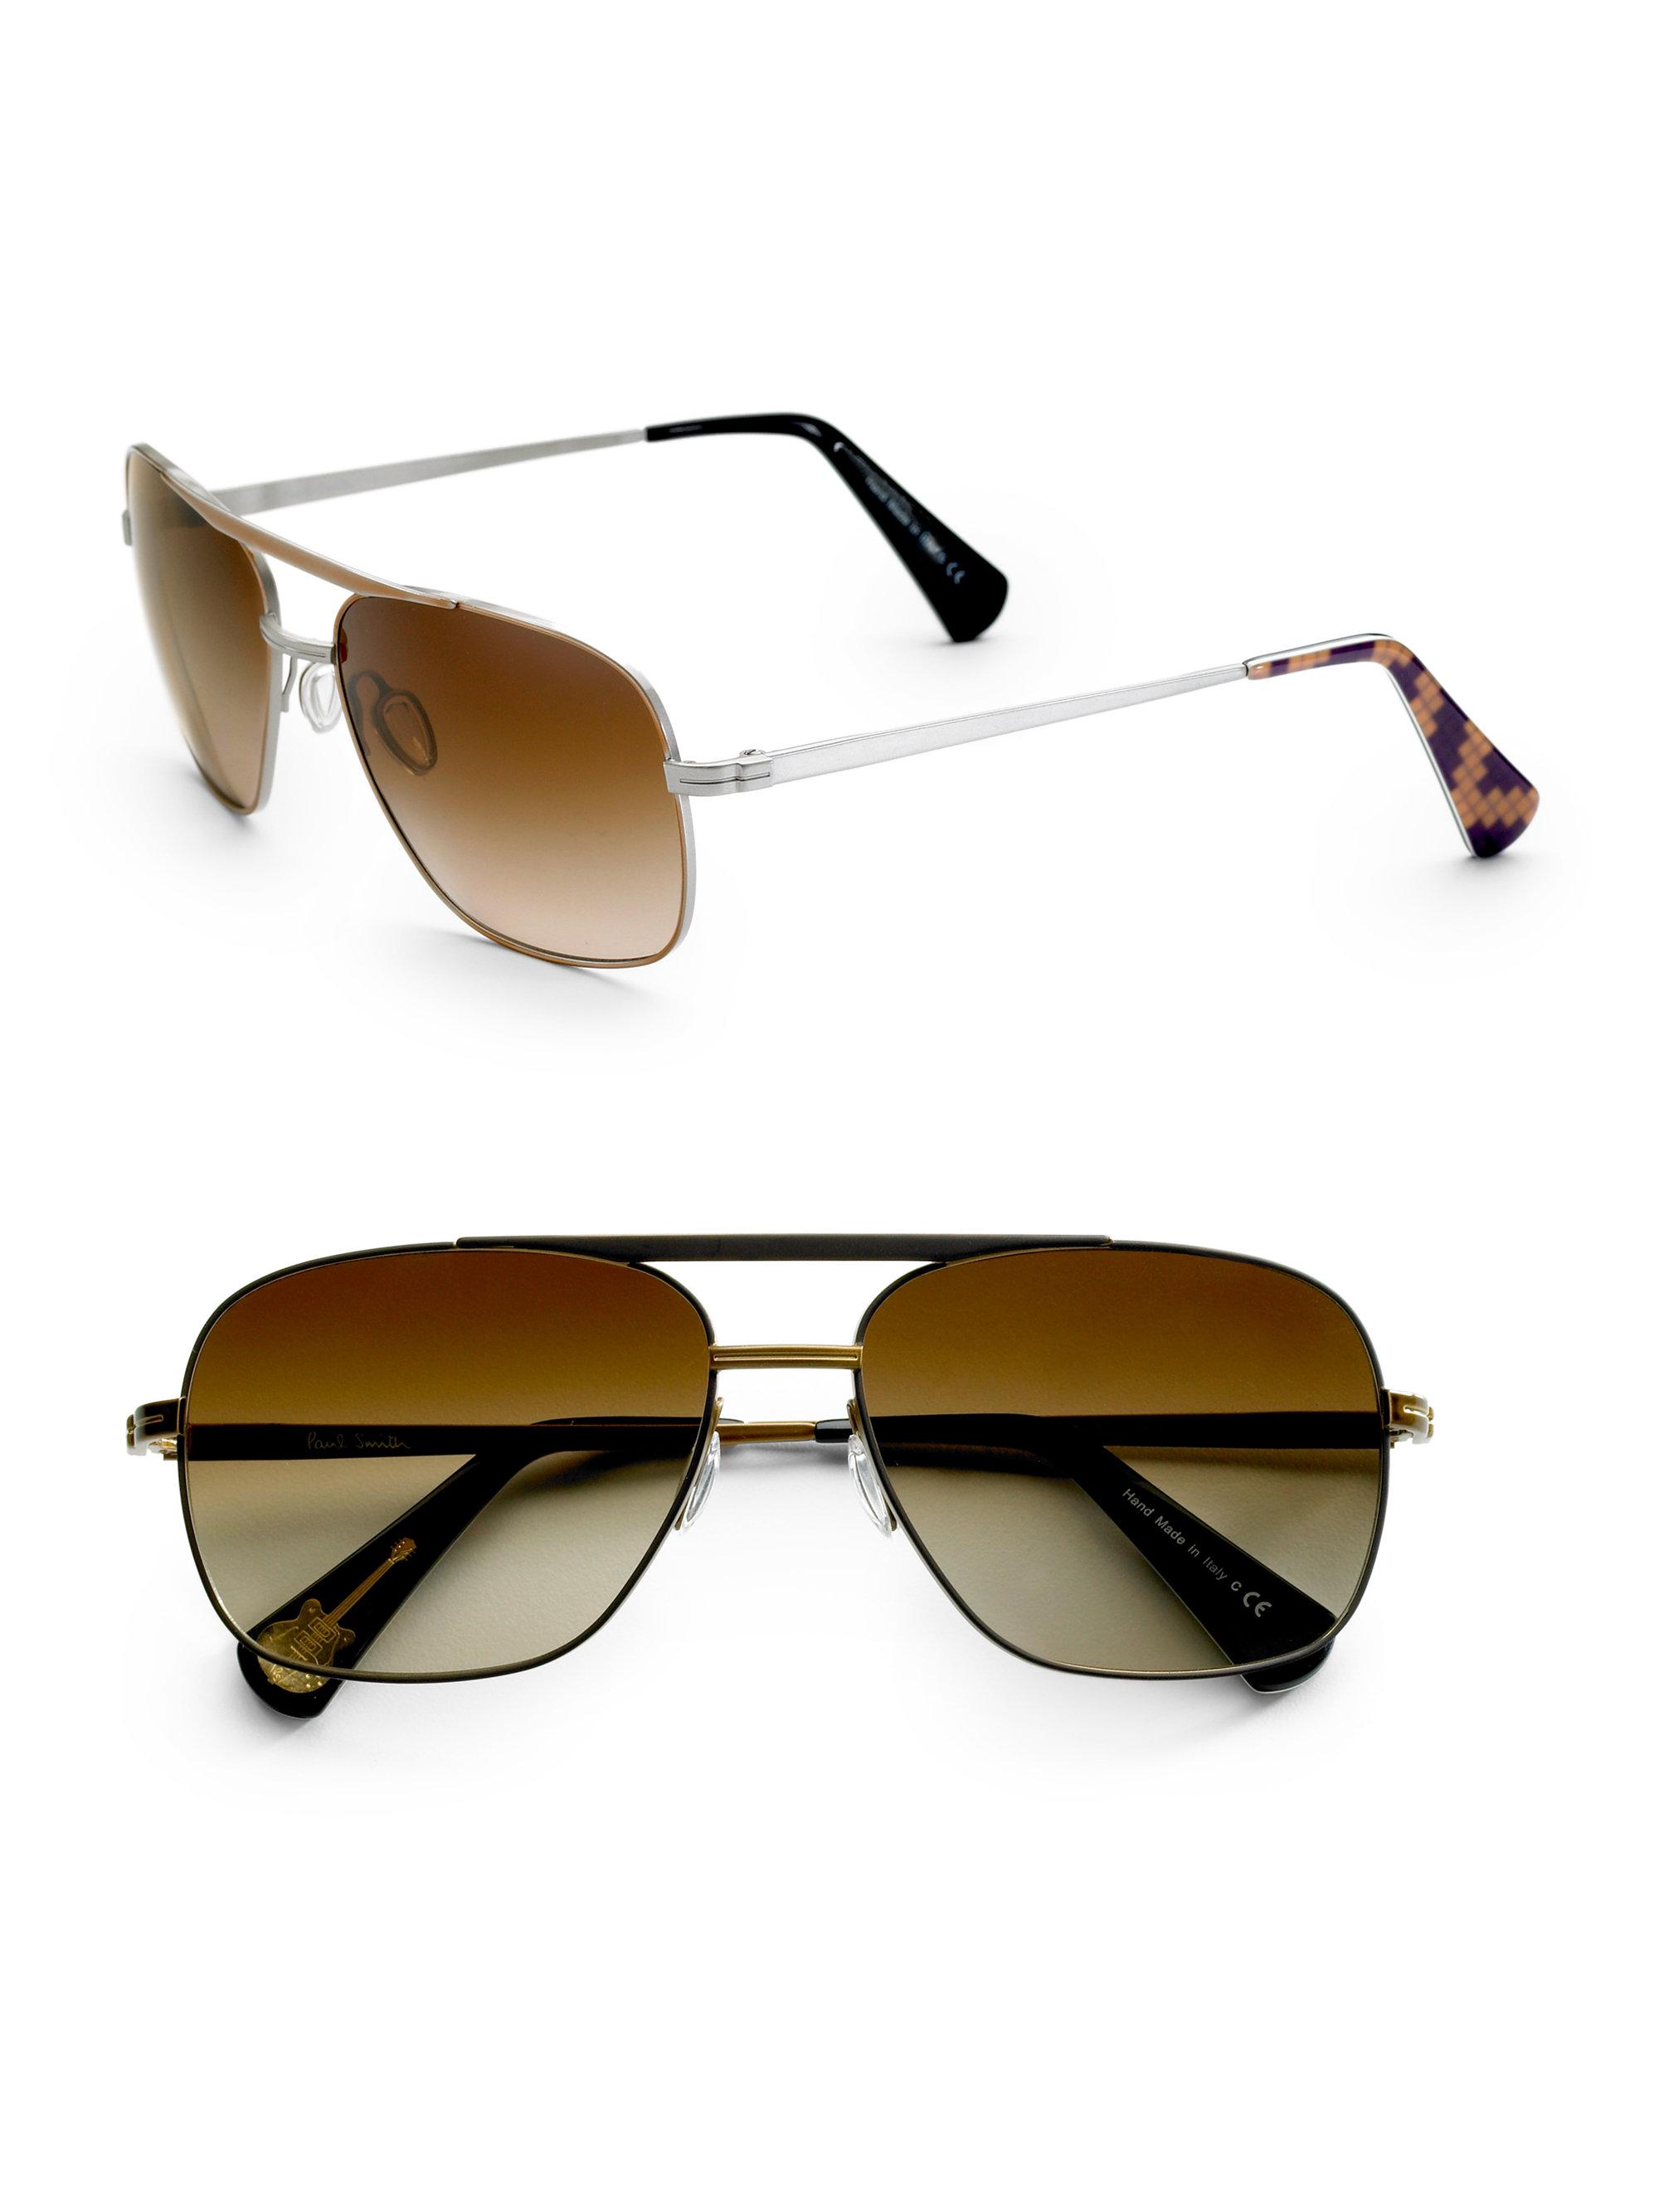 c1da2b18770f6 Paul Smith Cassel Square Sunglasses in Brown for Men - Lyst